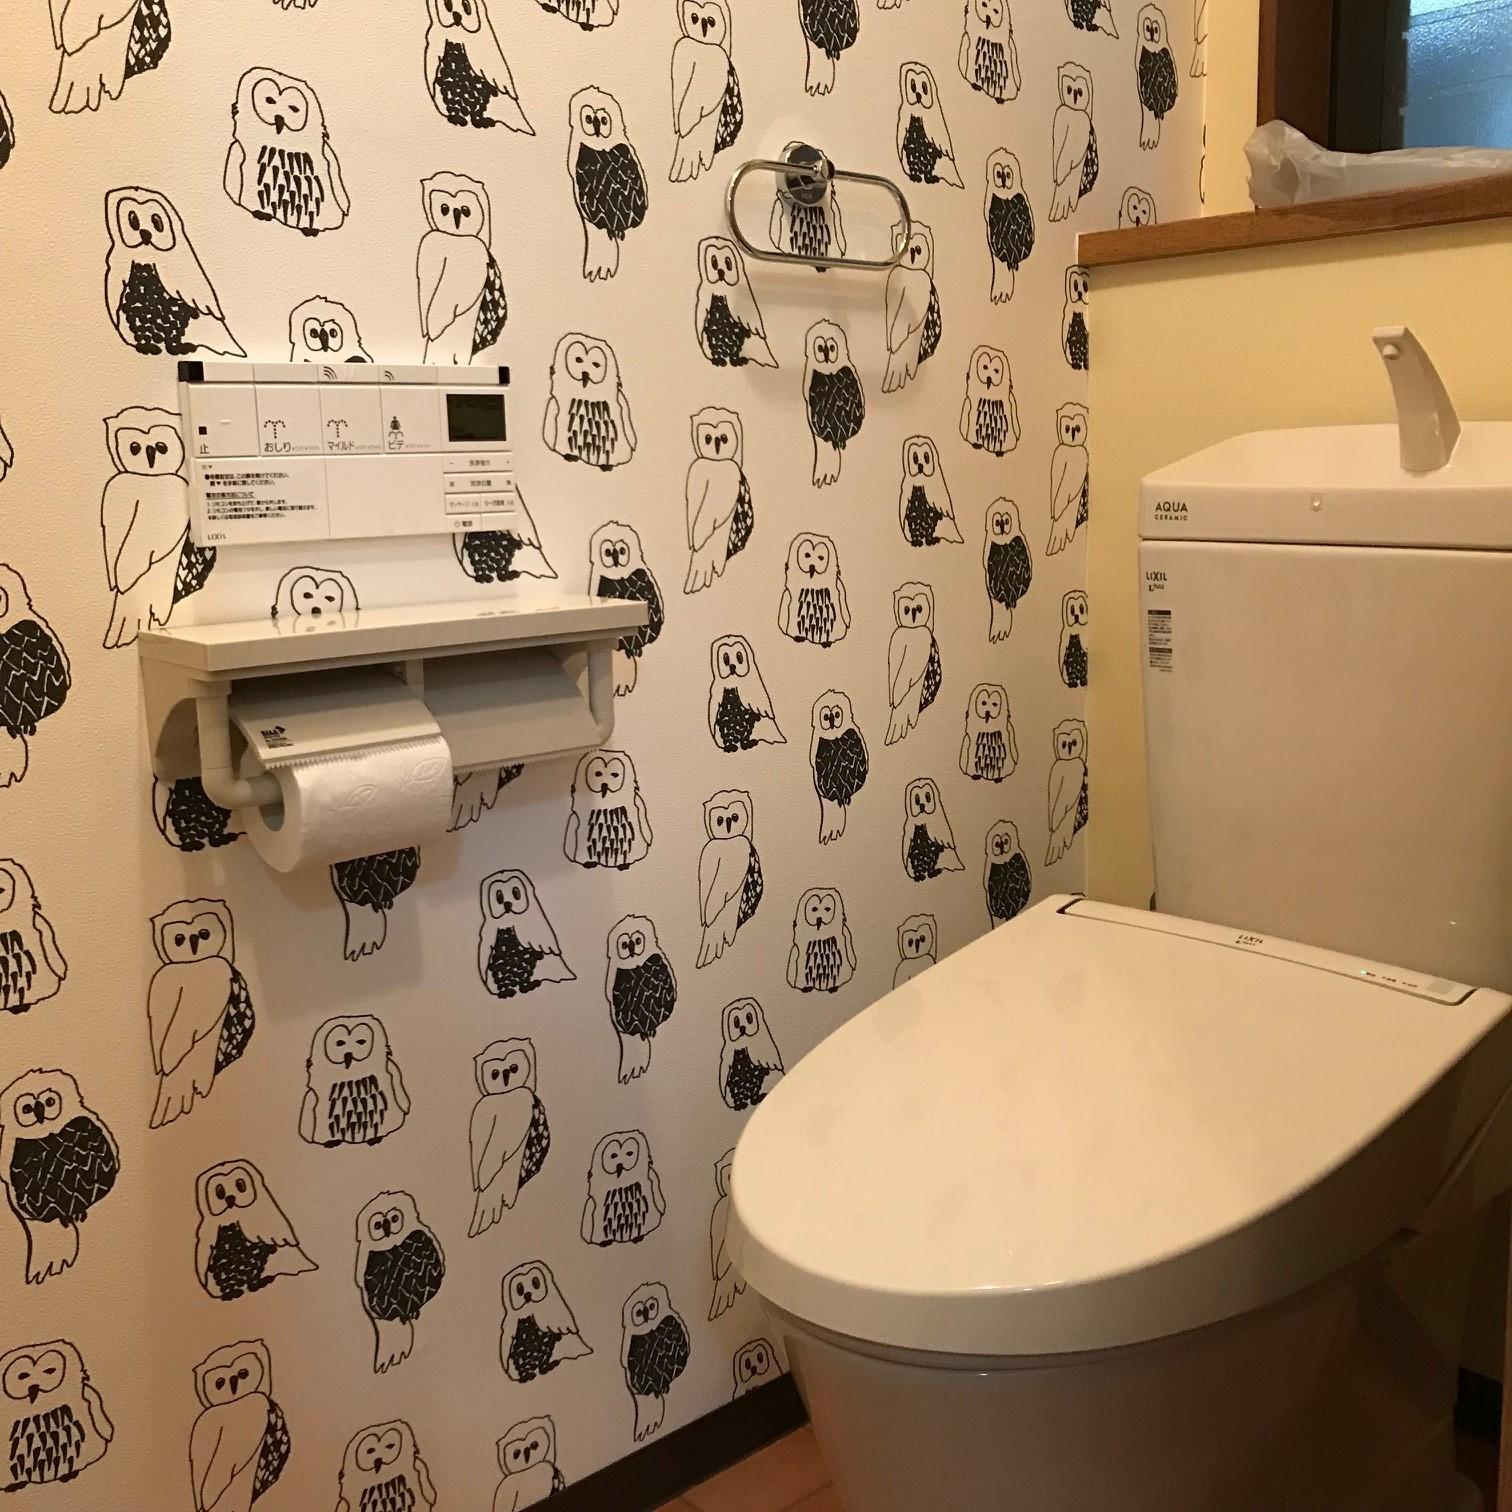 ふくろうのクロスがポイントのトイレ